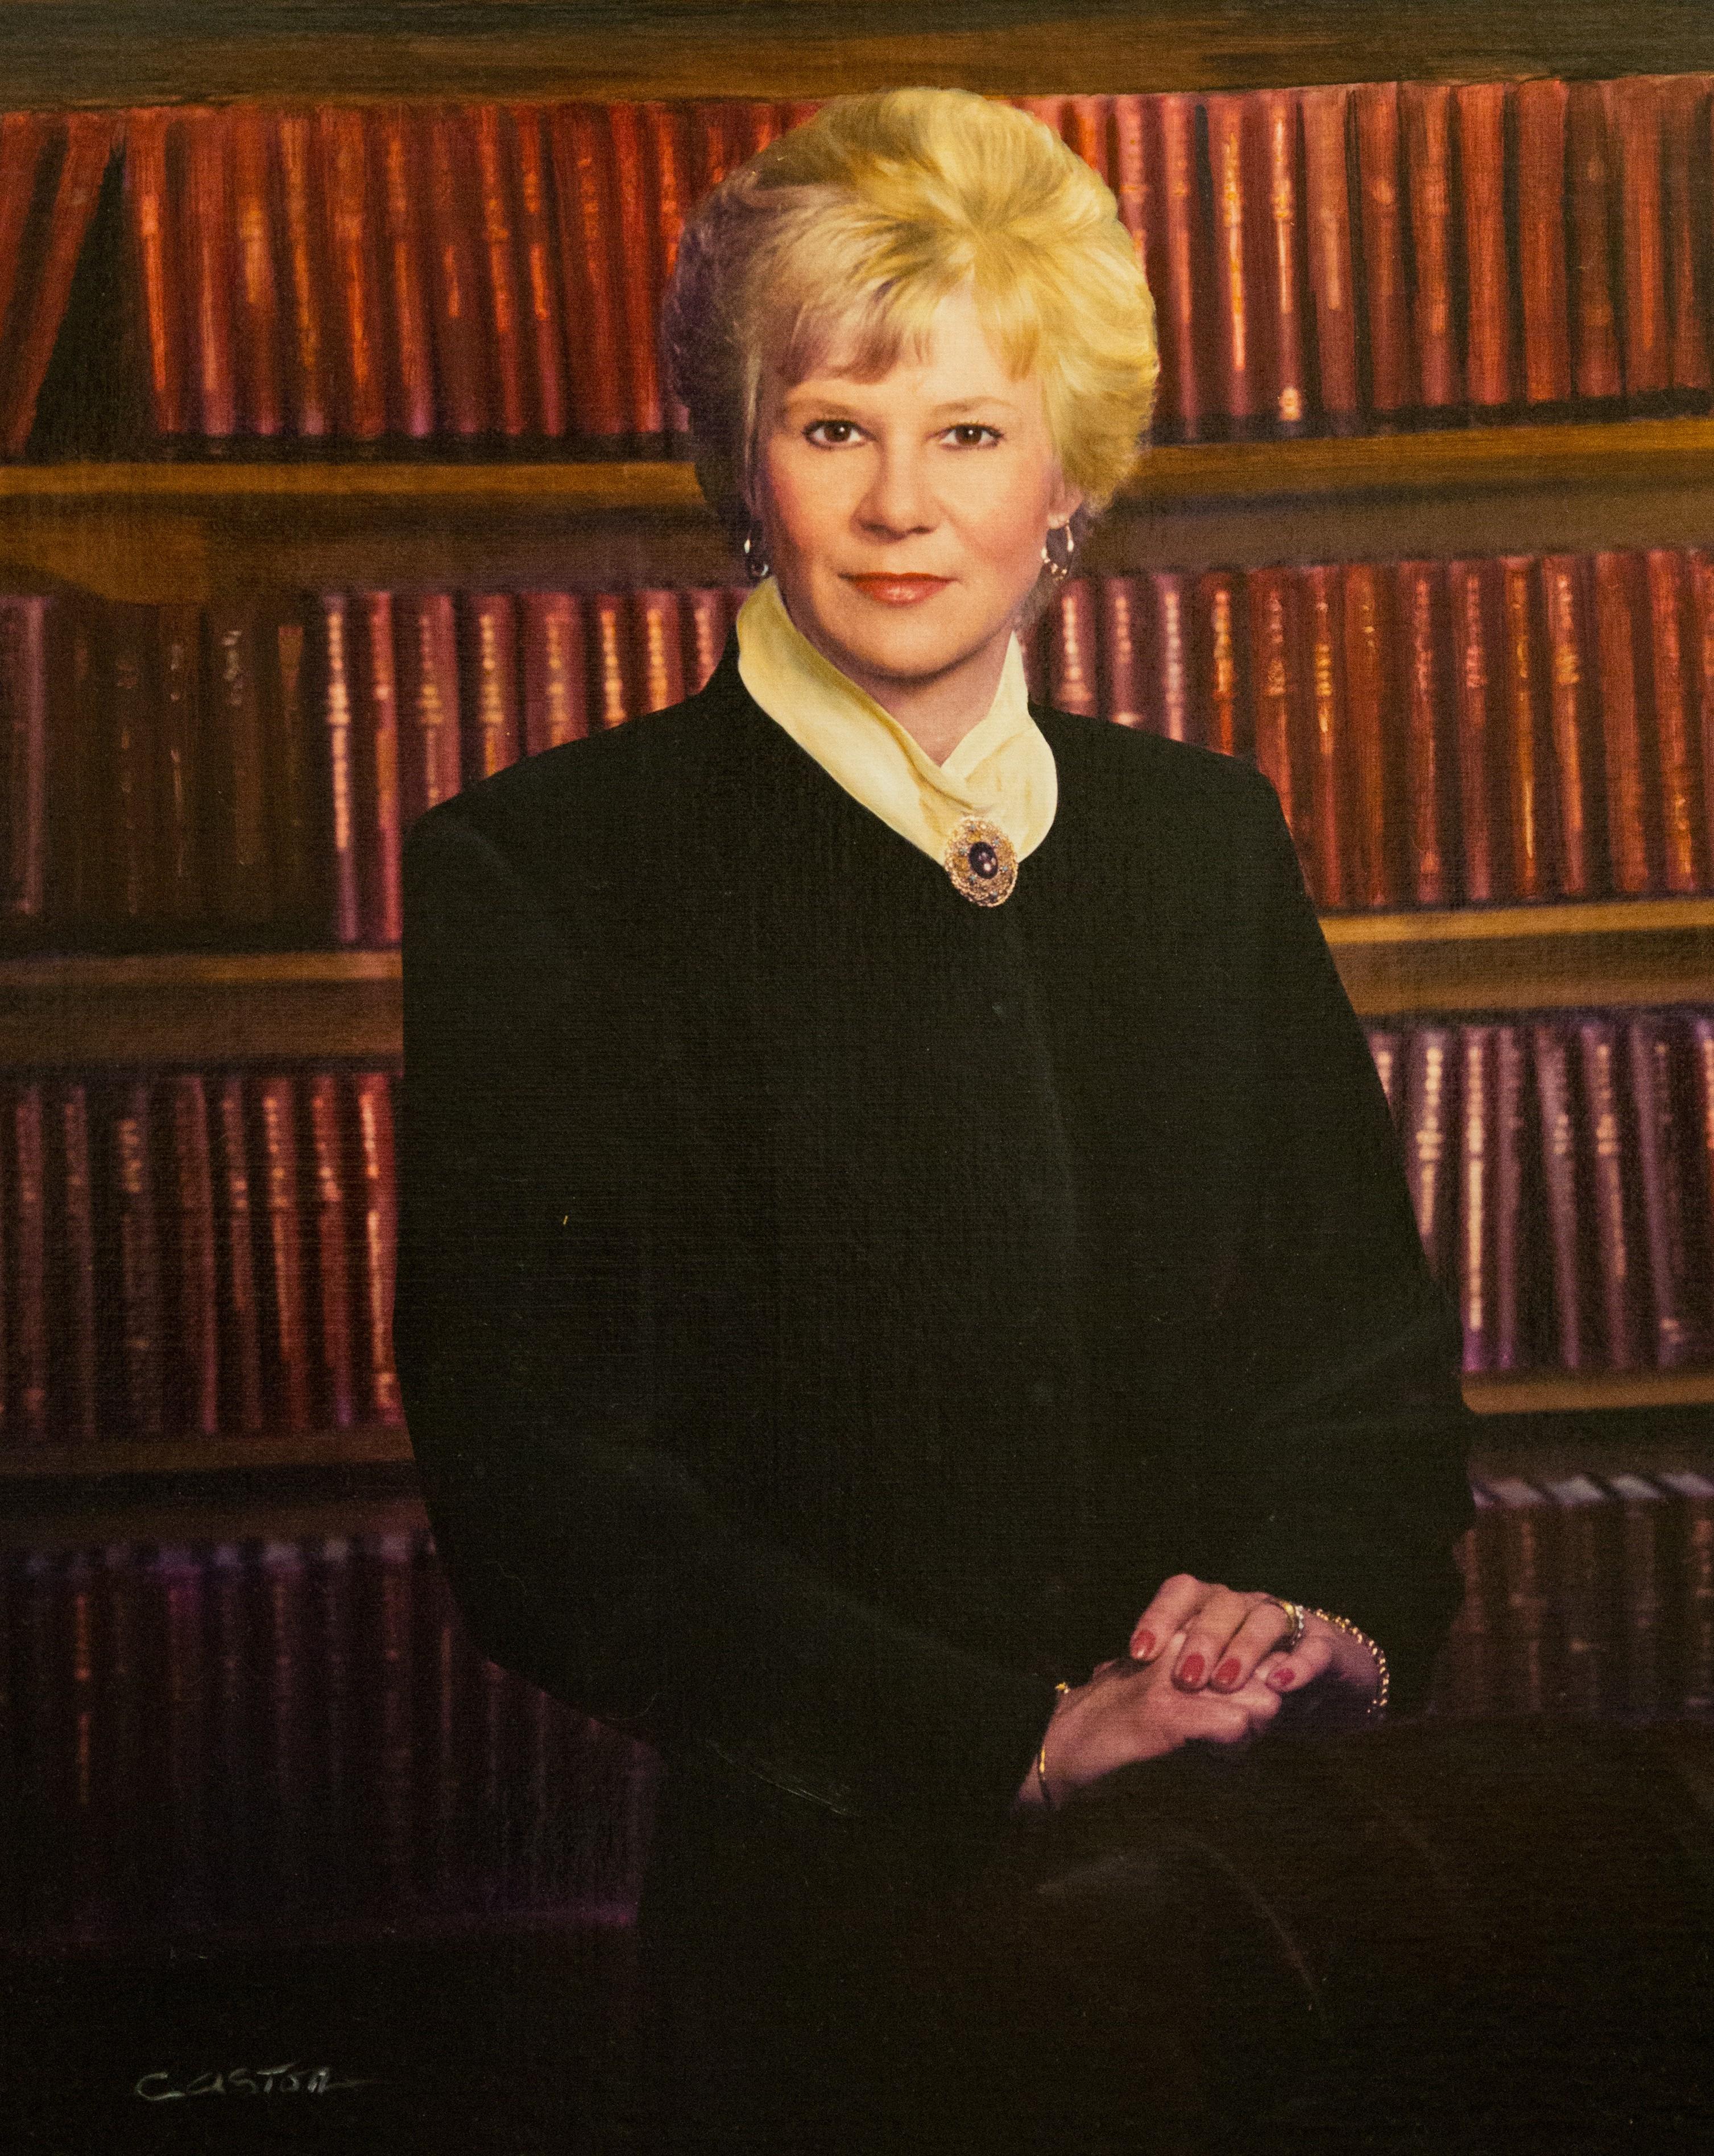 Judge Johanna L. Fitzpatrick